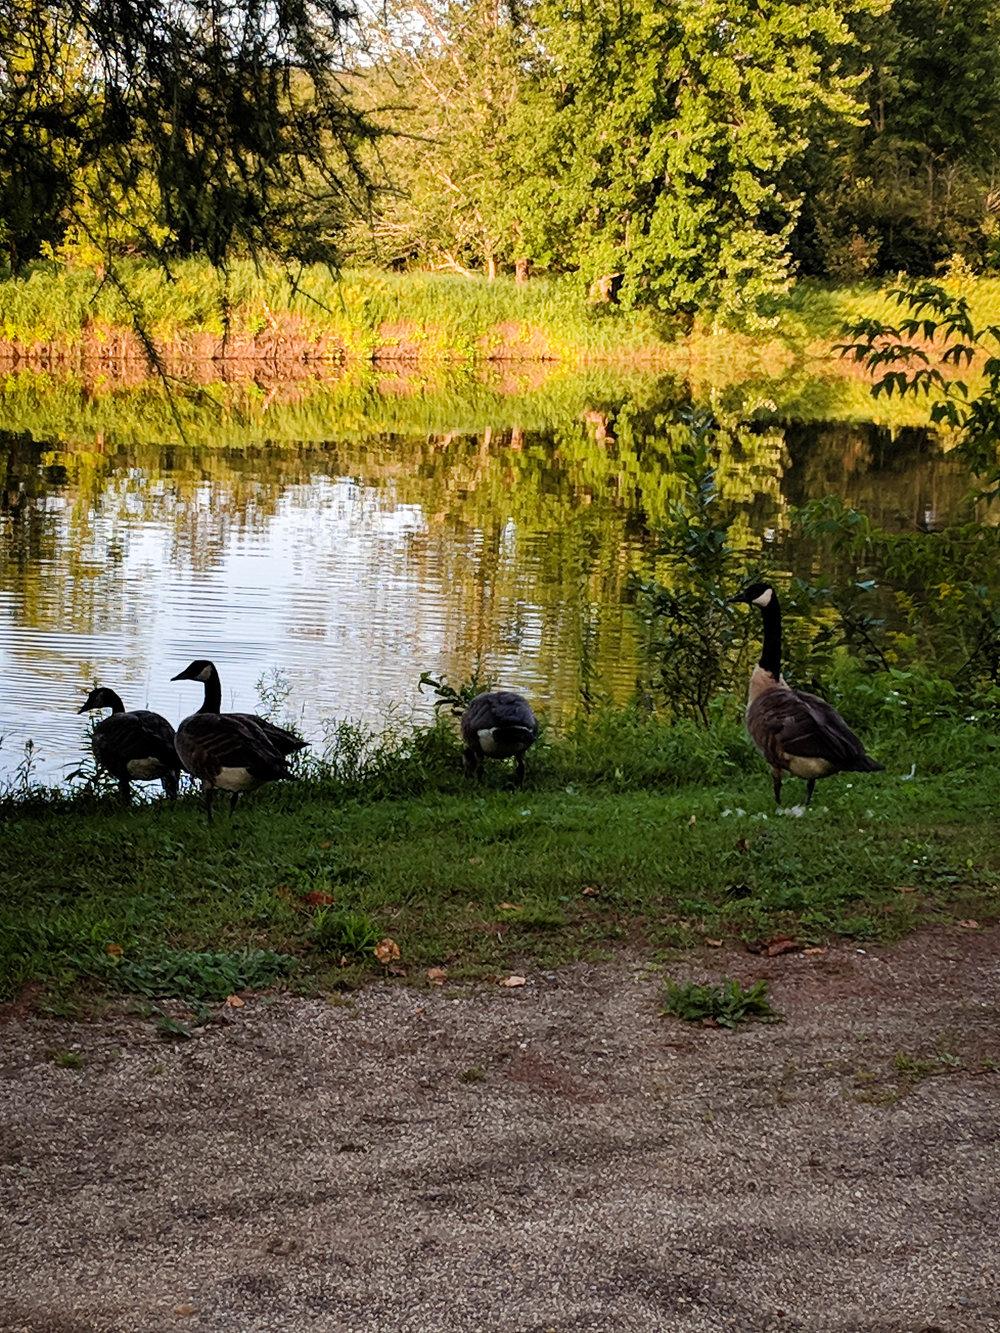 Scottstown park